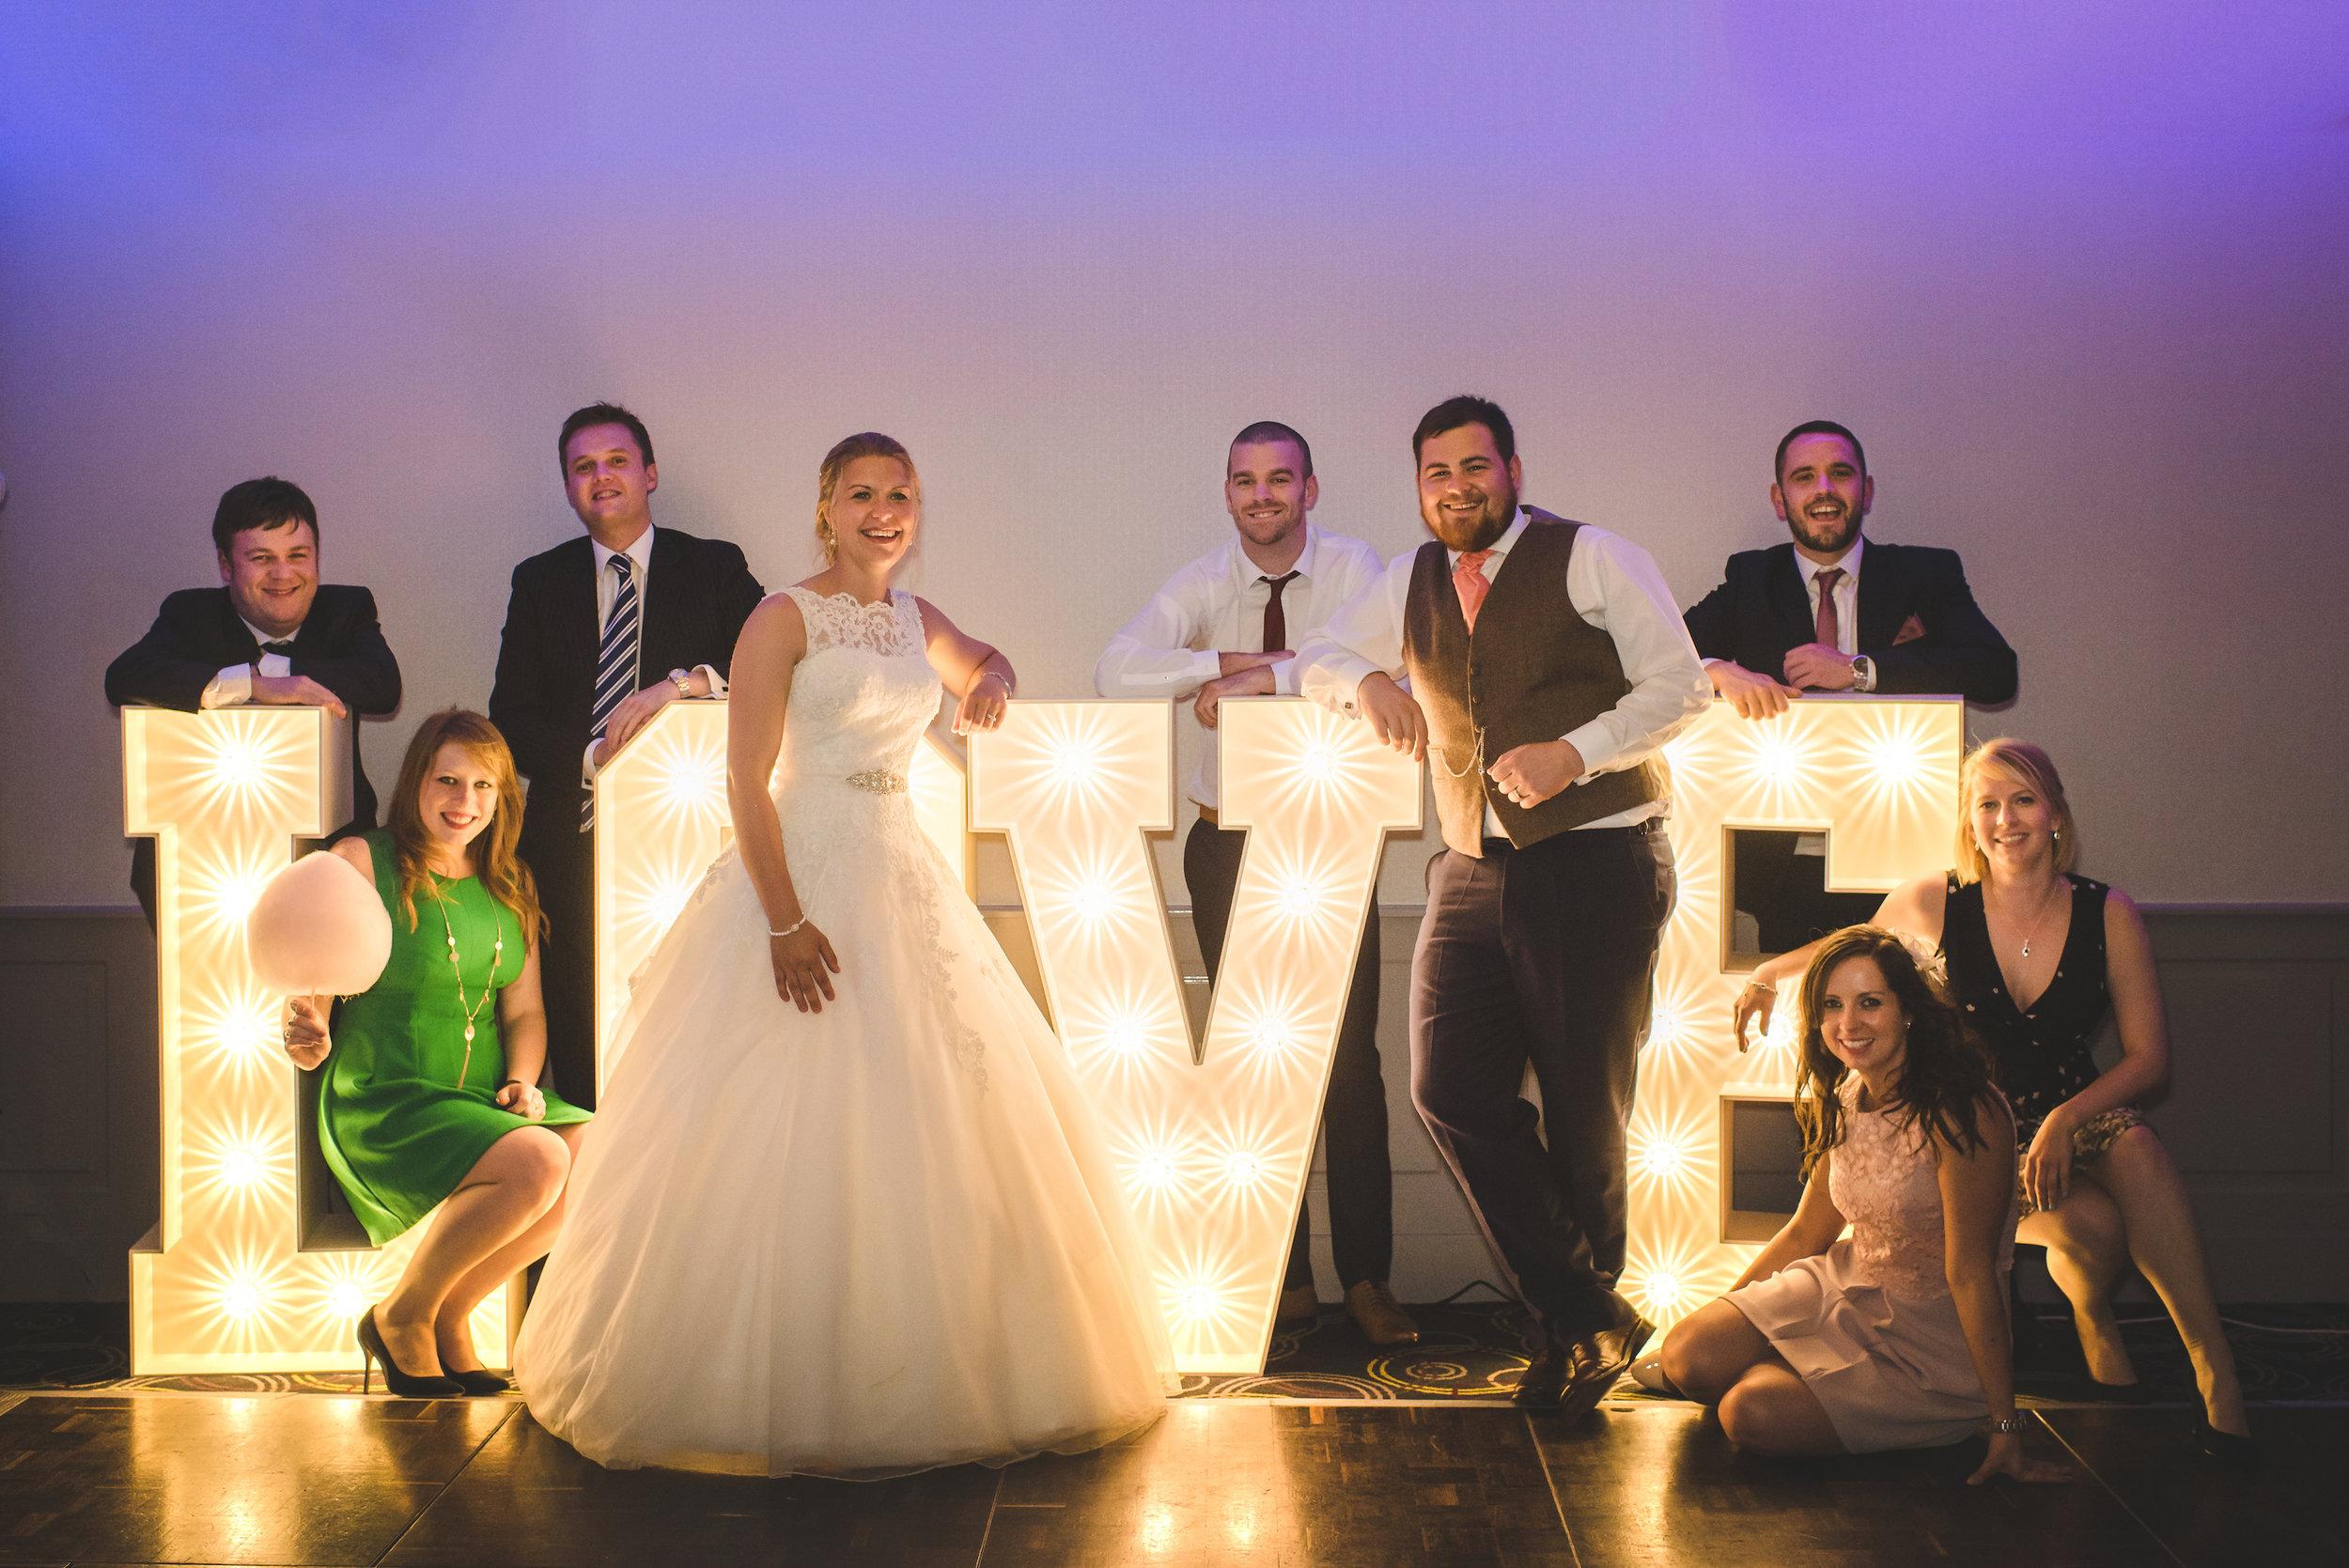 24 Bride Groom Wedding Photography Letchworth Hall.jpg